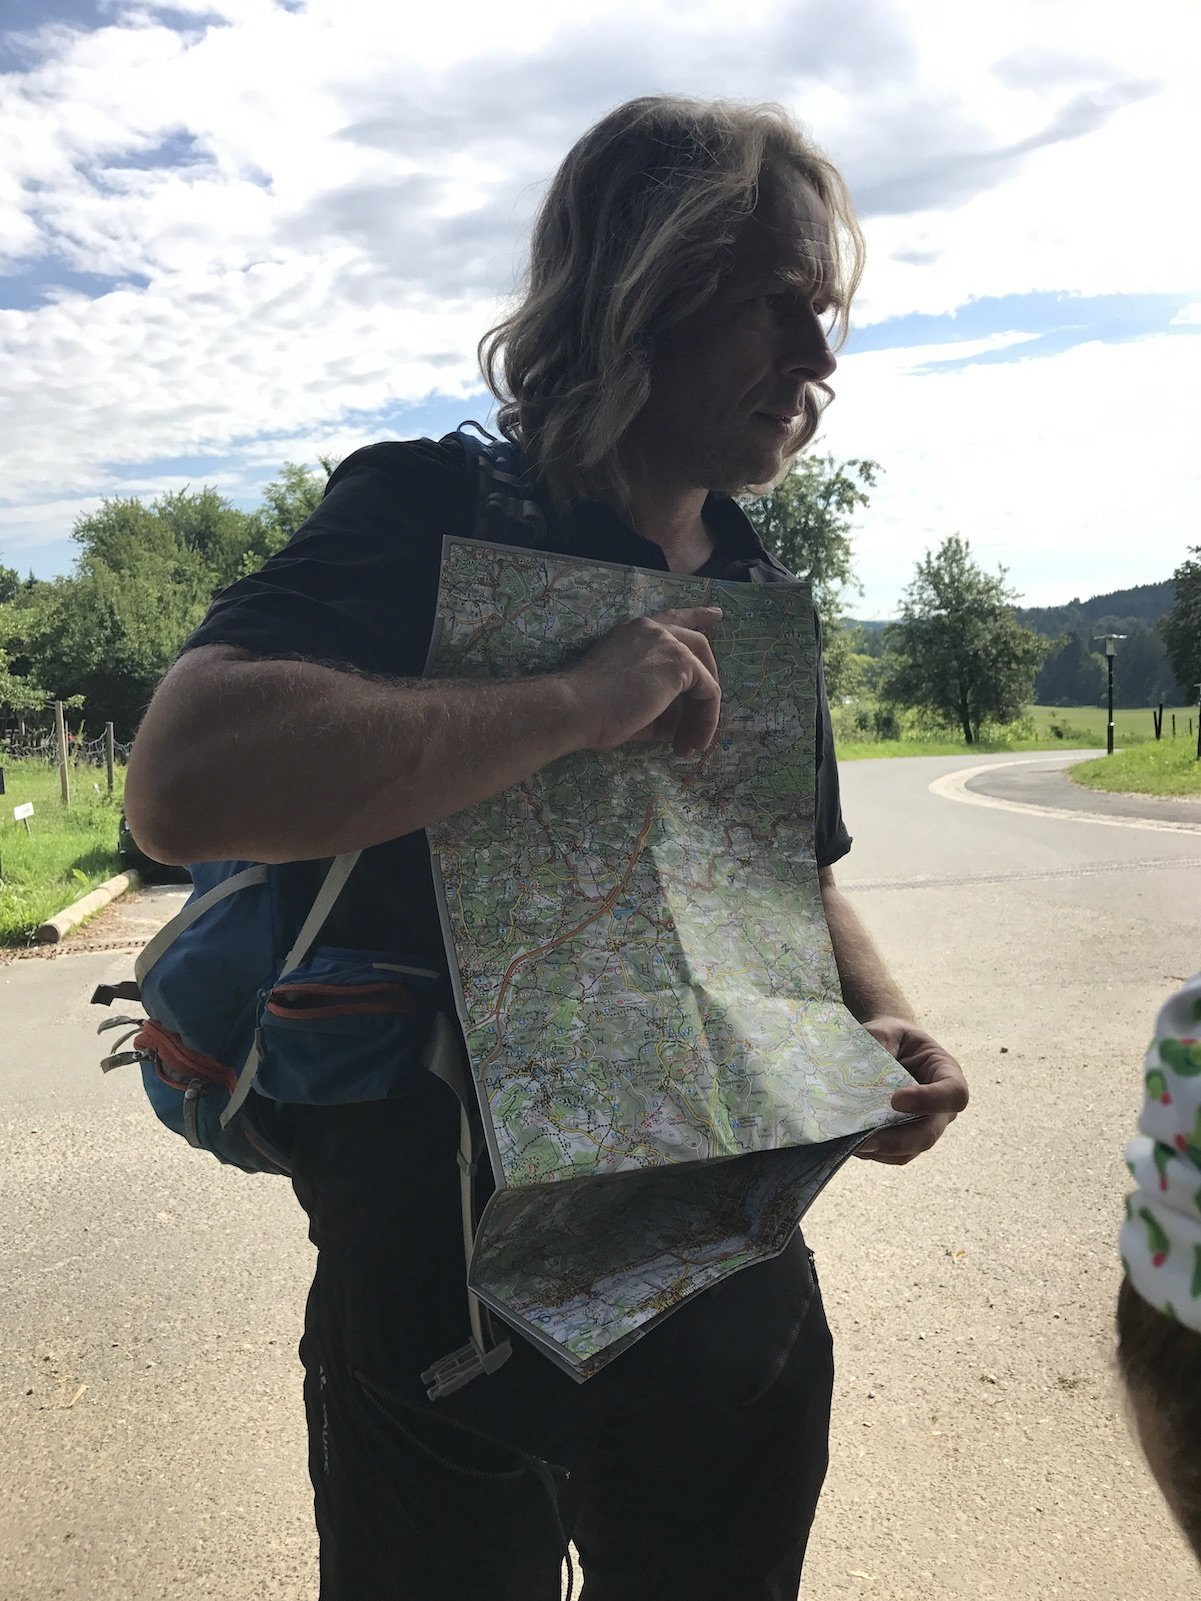 Uli Büscher vom Nürnberger Land, ein perfekter Gästebetreuer und Planer zeigt uns auf der Landkarte die heutige Route